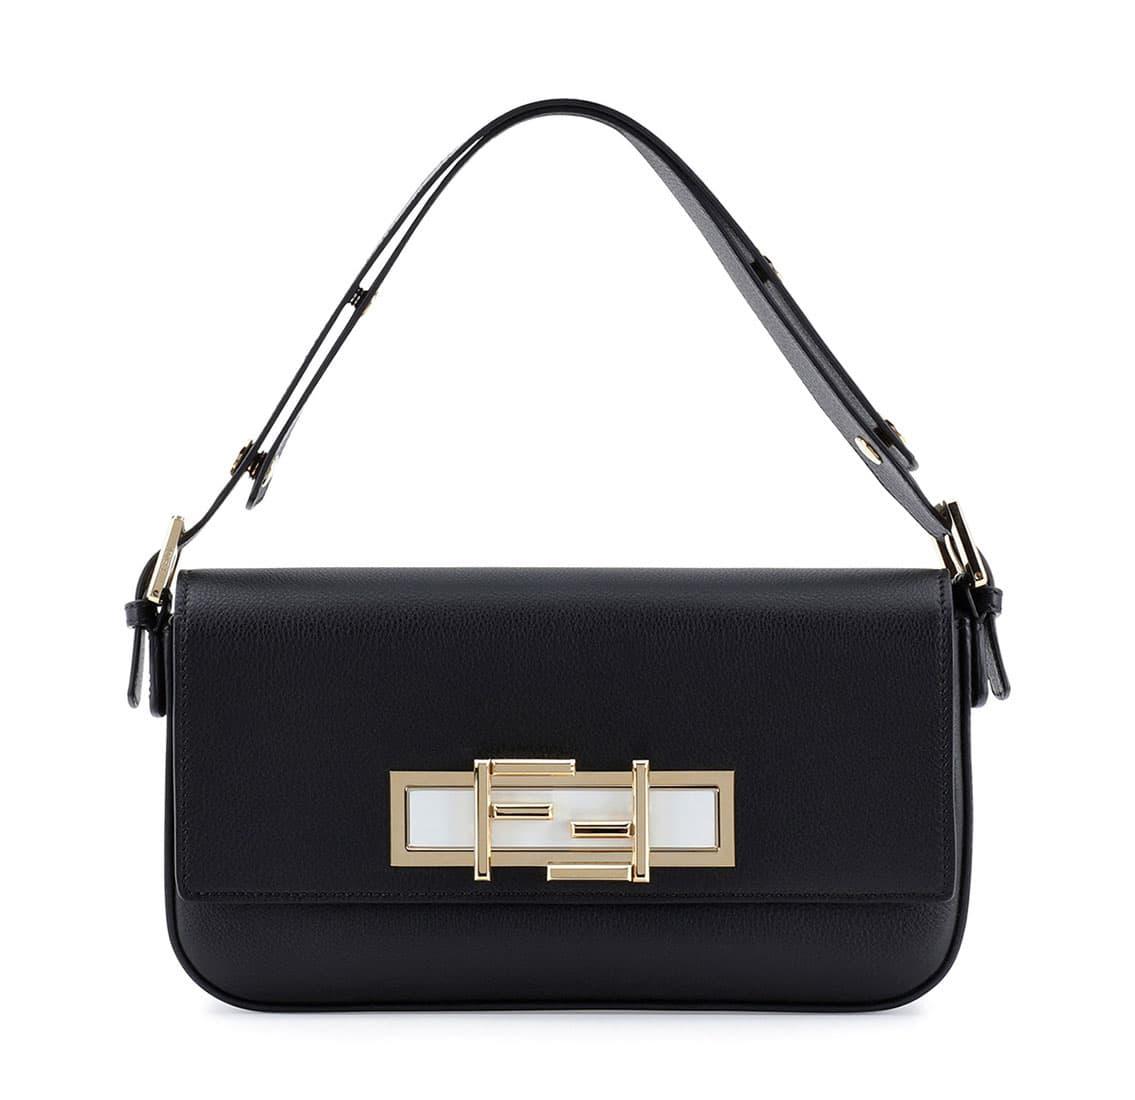 fendi 3baguette shoulder flap bag reference guide spotted fashion. Black Bedroom Furniture Sets. Home Design Ideas